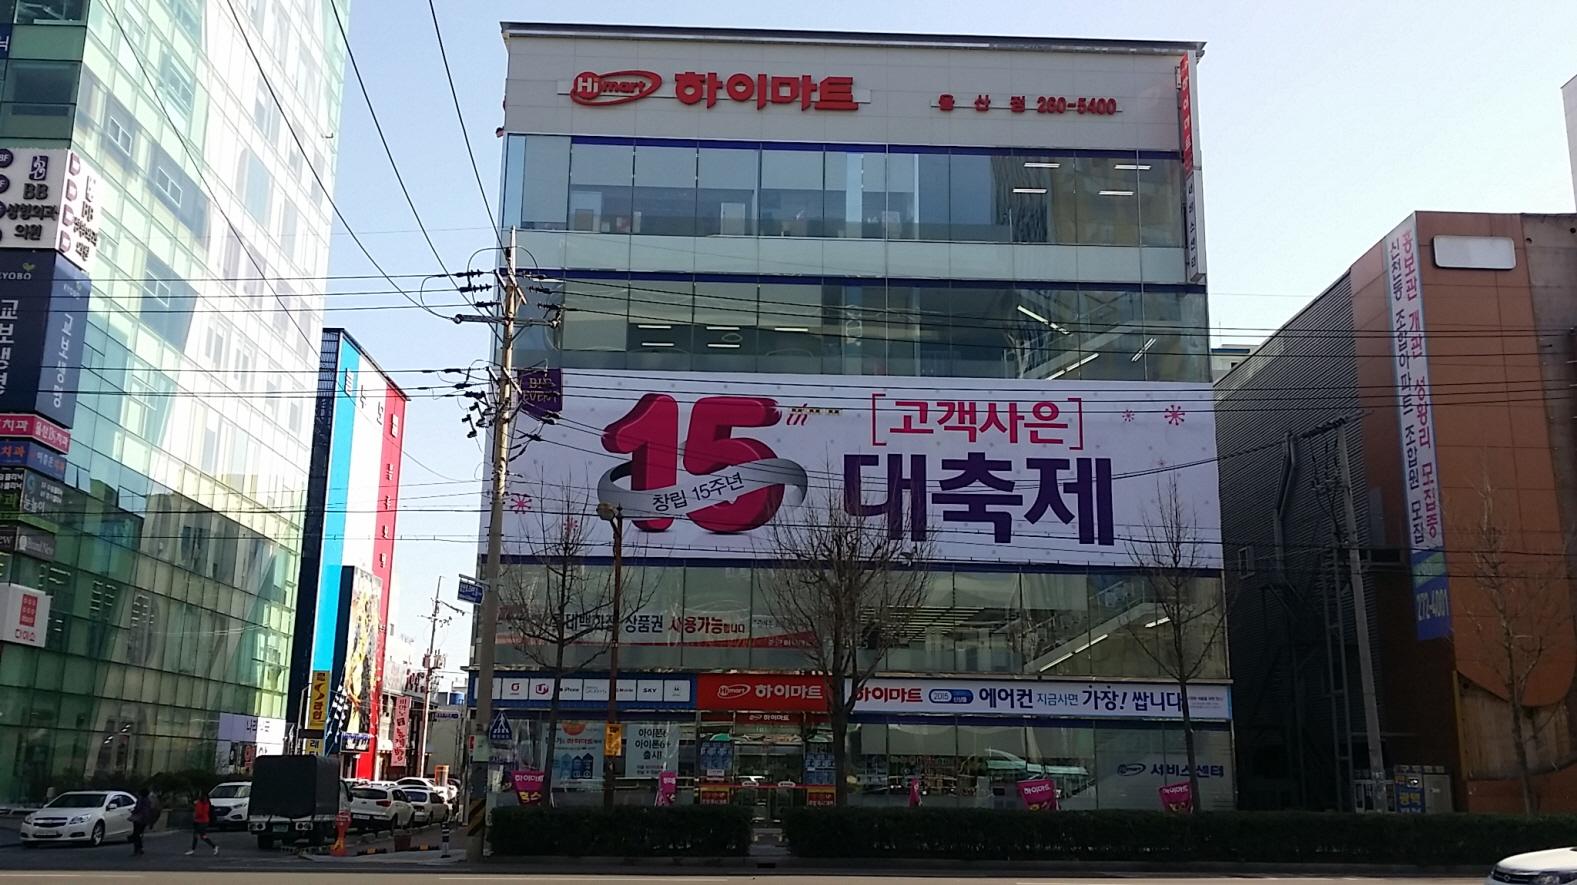 Lotte himart蔚山店 (롯데 하이마트 울산점)